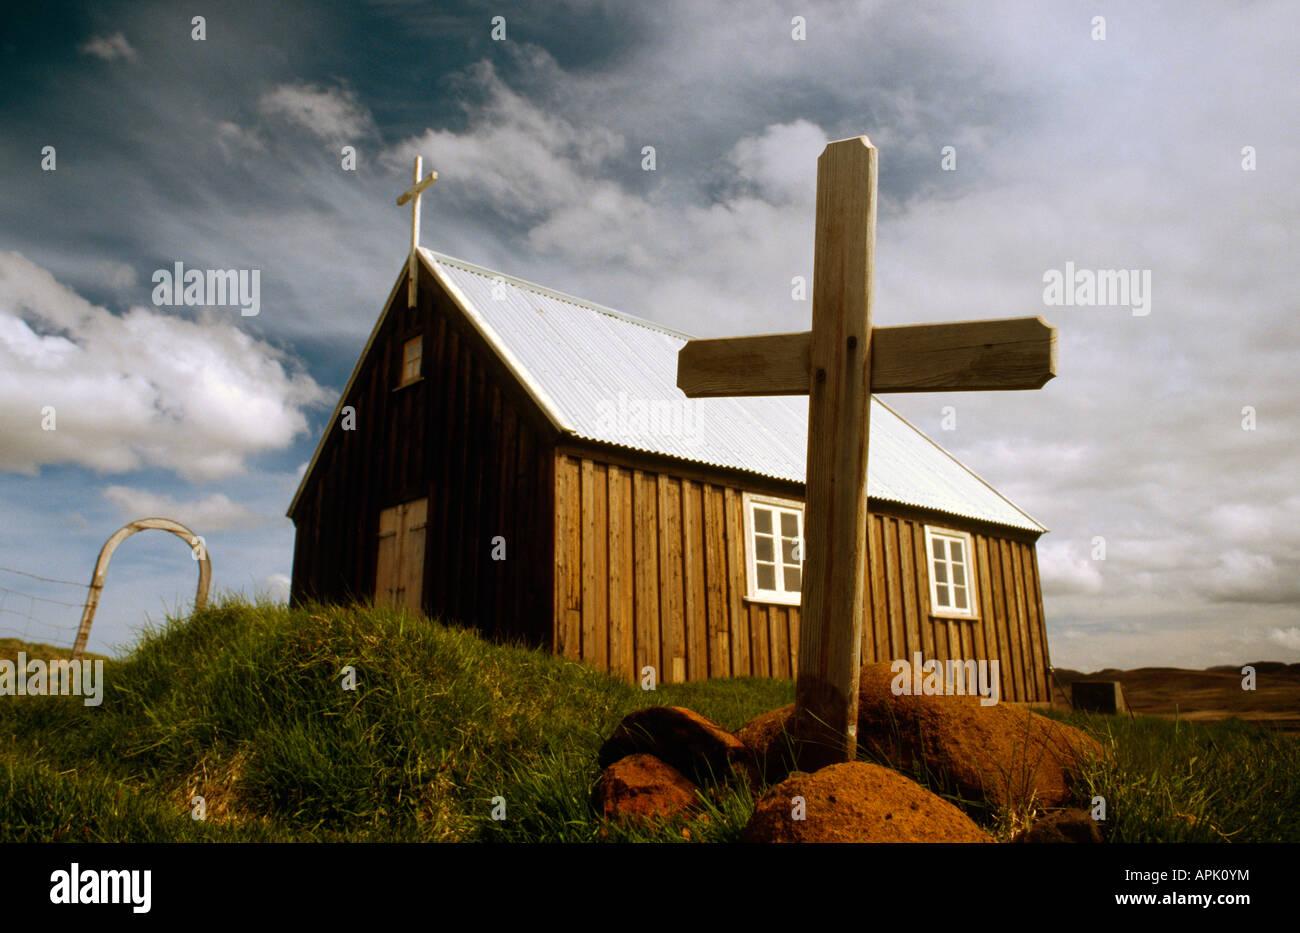 Crédito de imagen DOUG BLANE cruz pequeña iglesia encaramado en el borde de una planicie de lava en Islandia Krysuvik Foto de stock